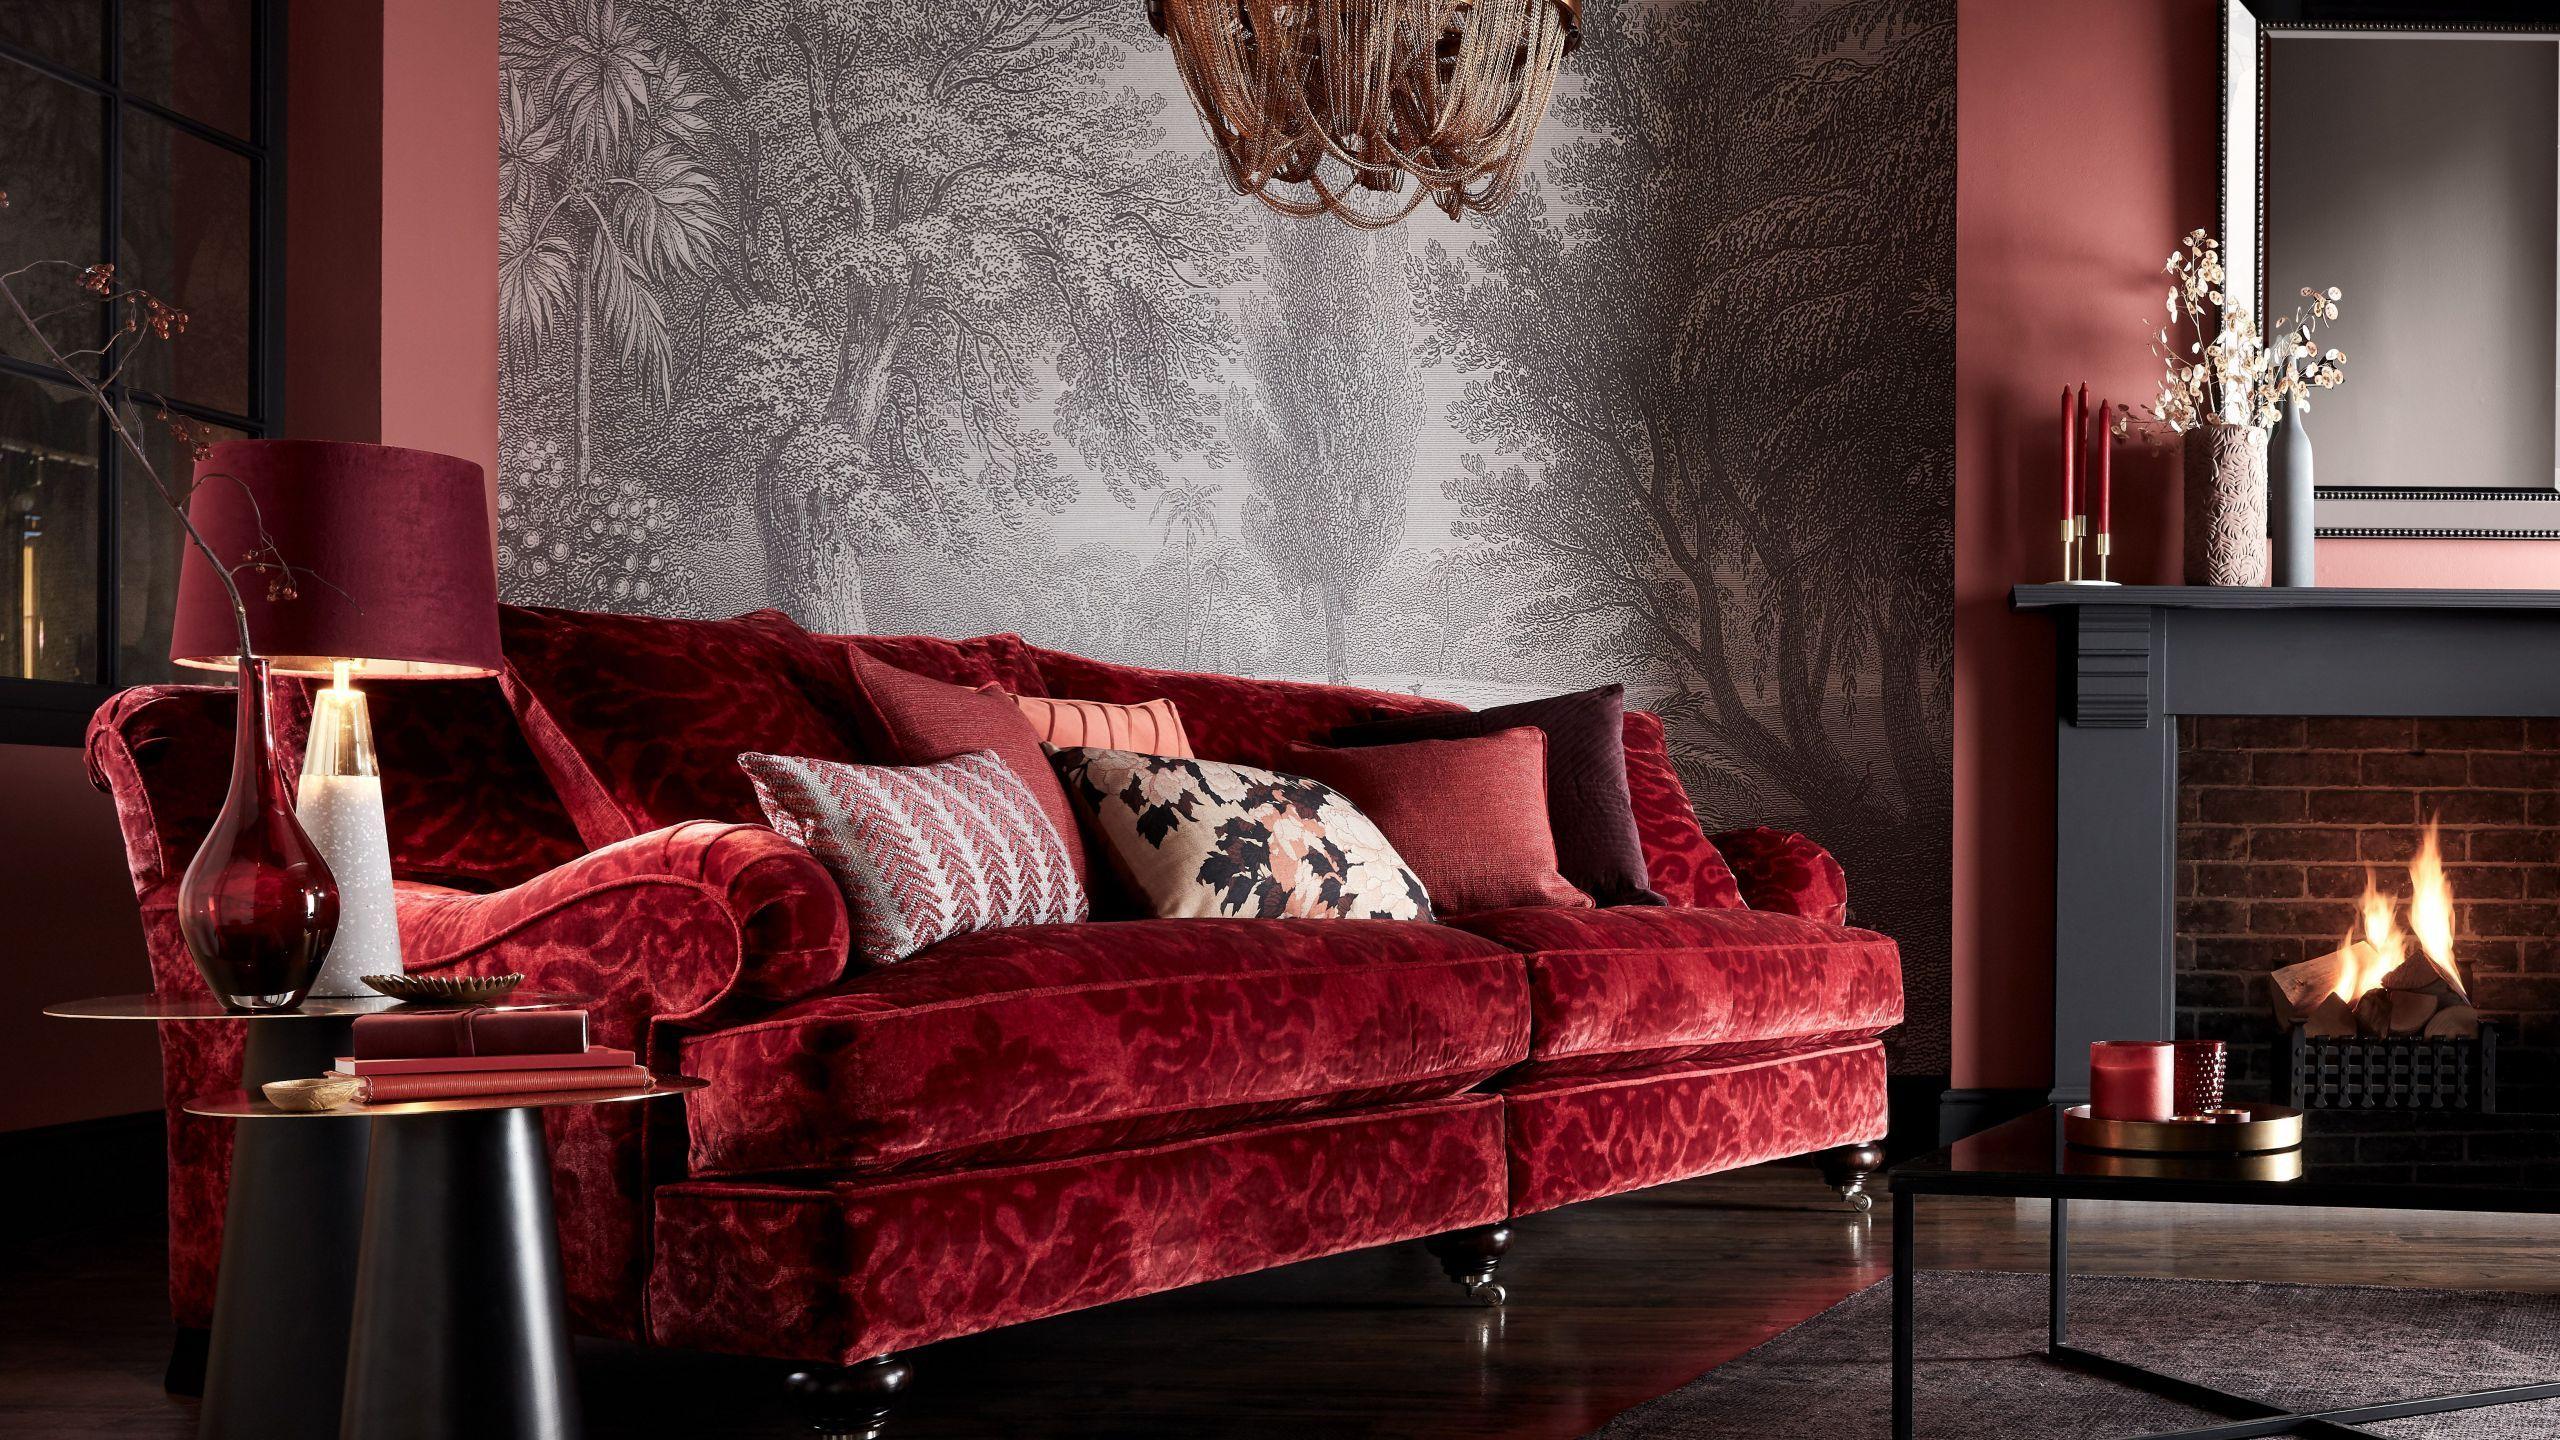 Pin Oleh Thehomeandgarden Niche Di Home Chairs And Sofa Ruang Tamu Rumah Ruangan Rumah #red #velvet #living #room #set